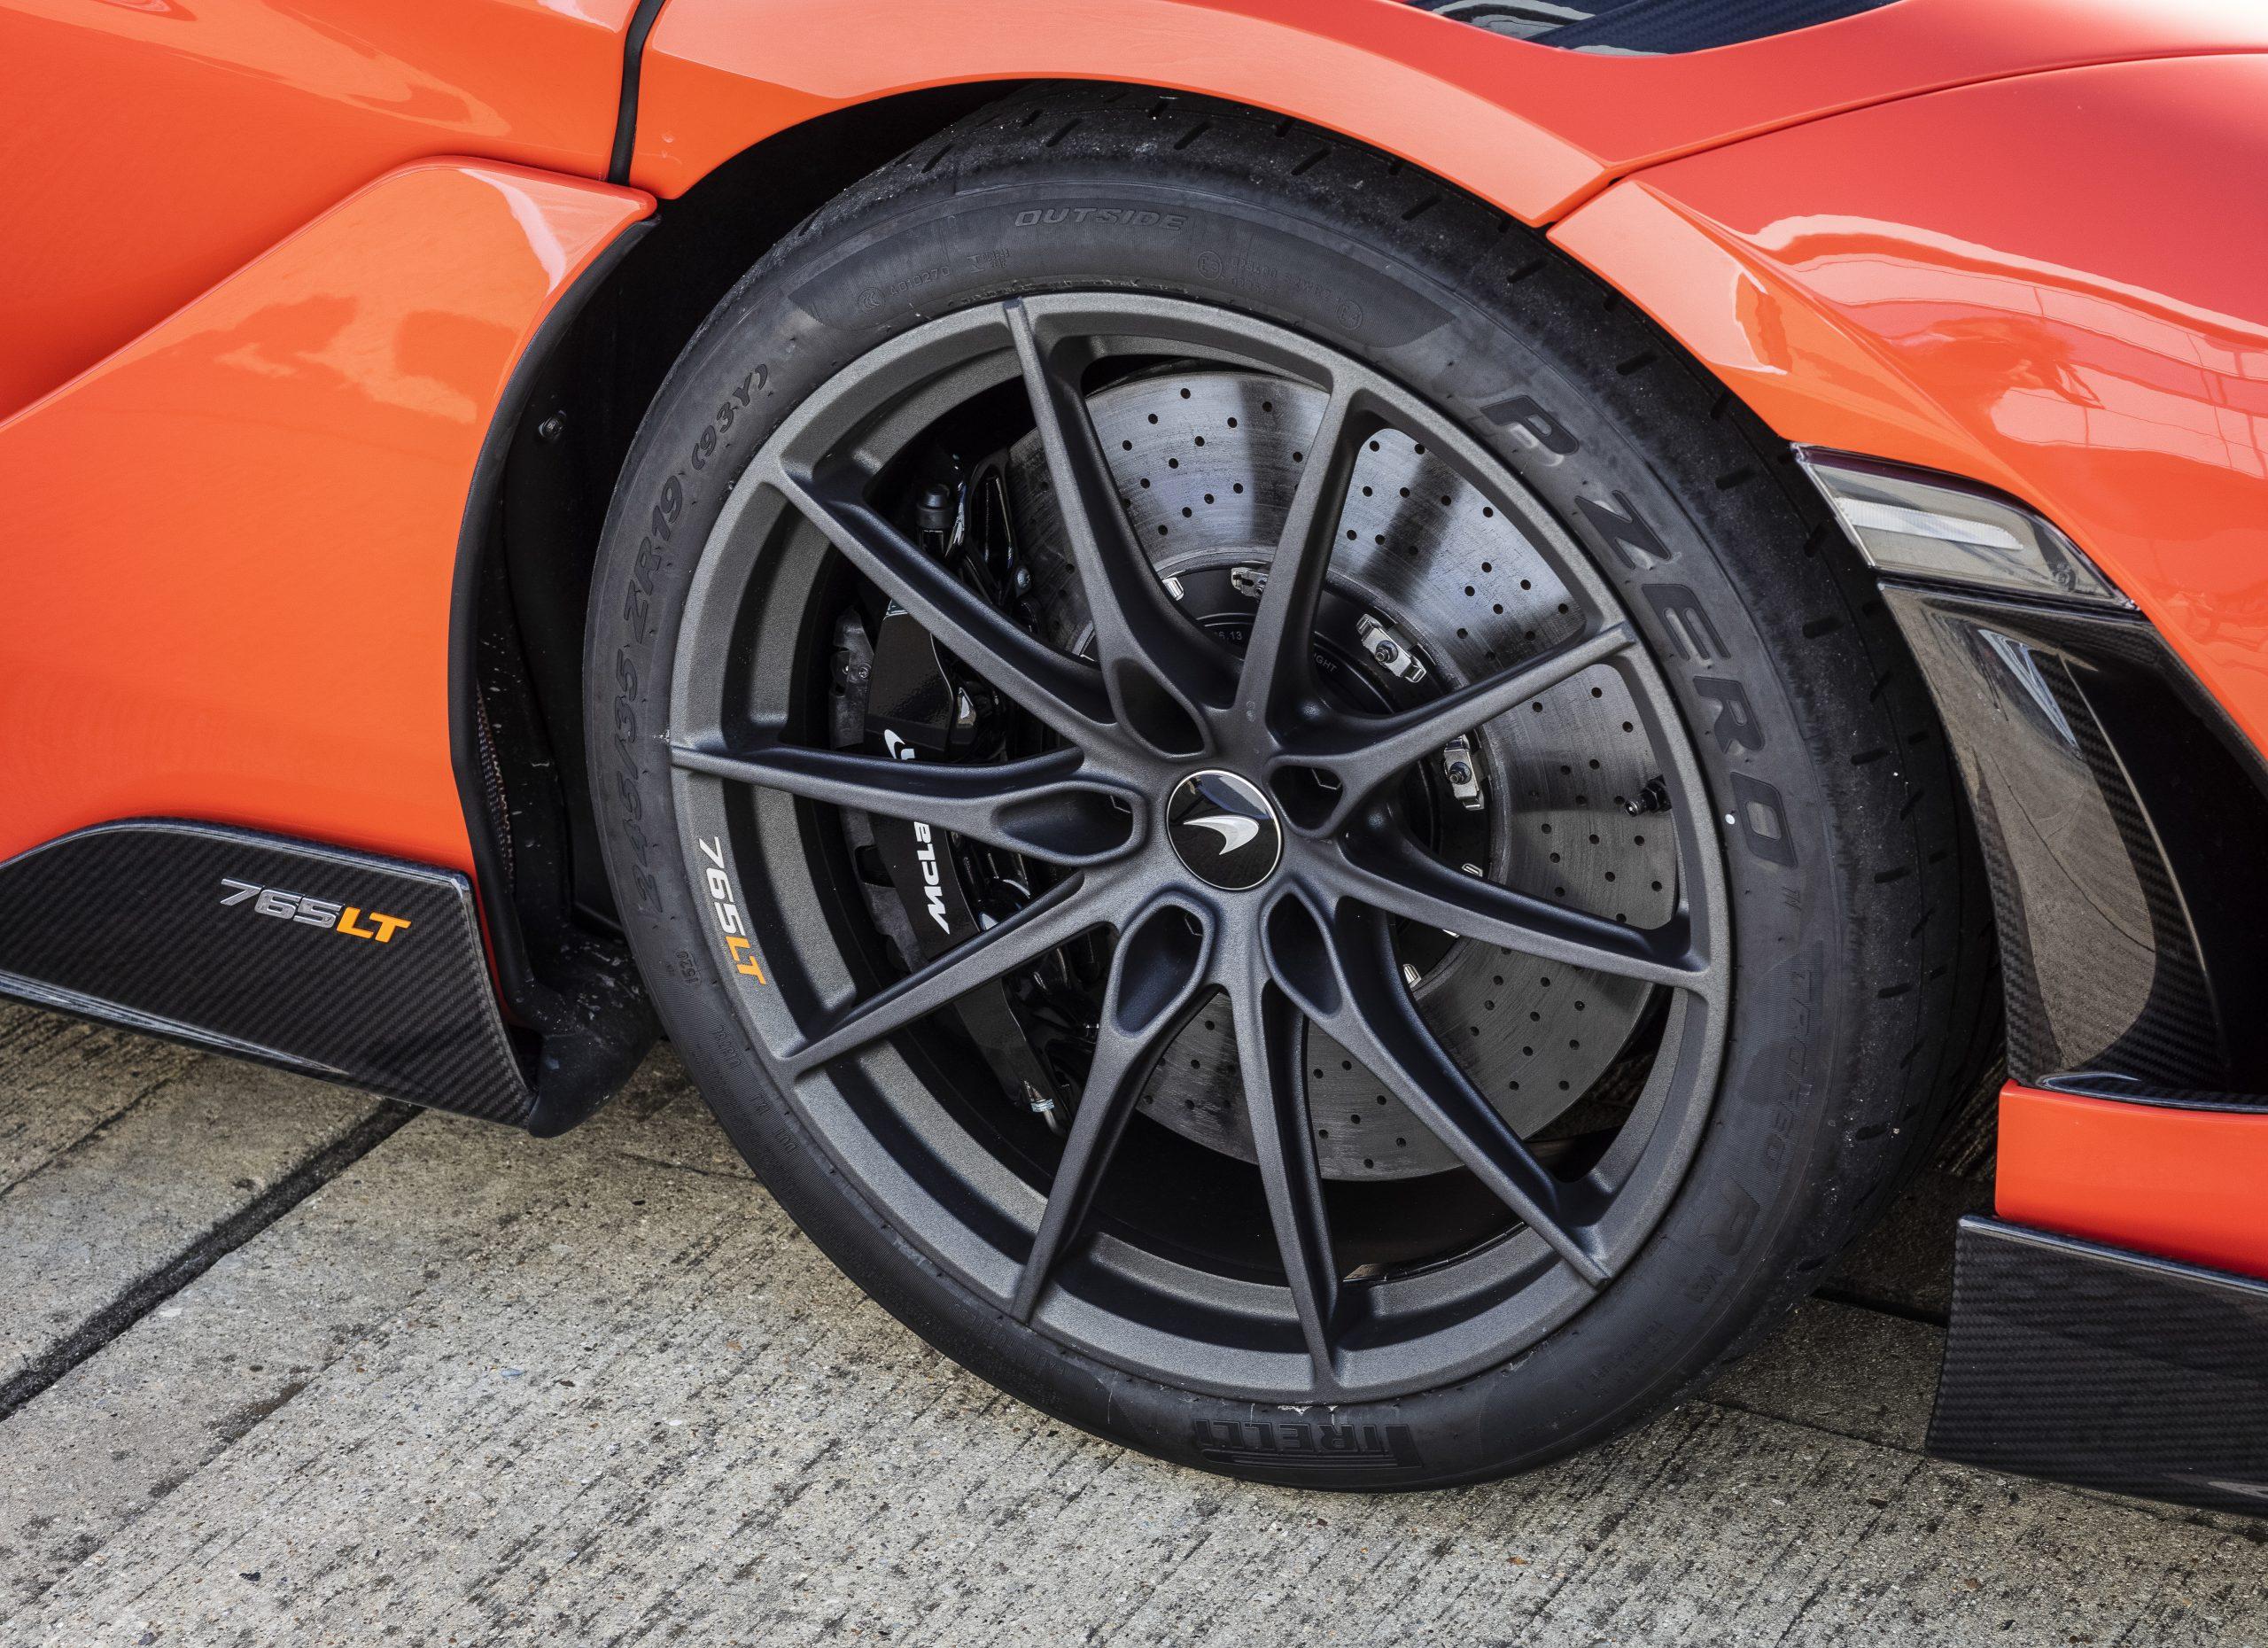 2021 McLaren 765LT Wheel